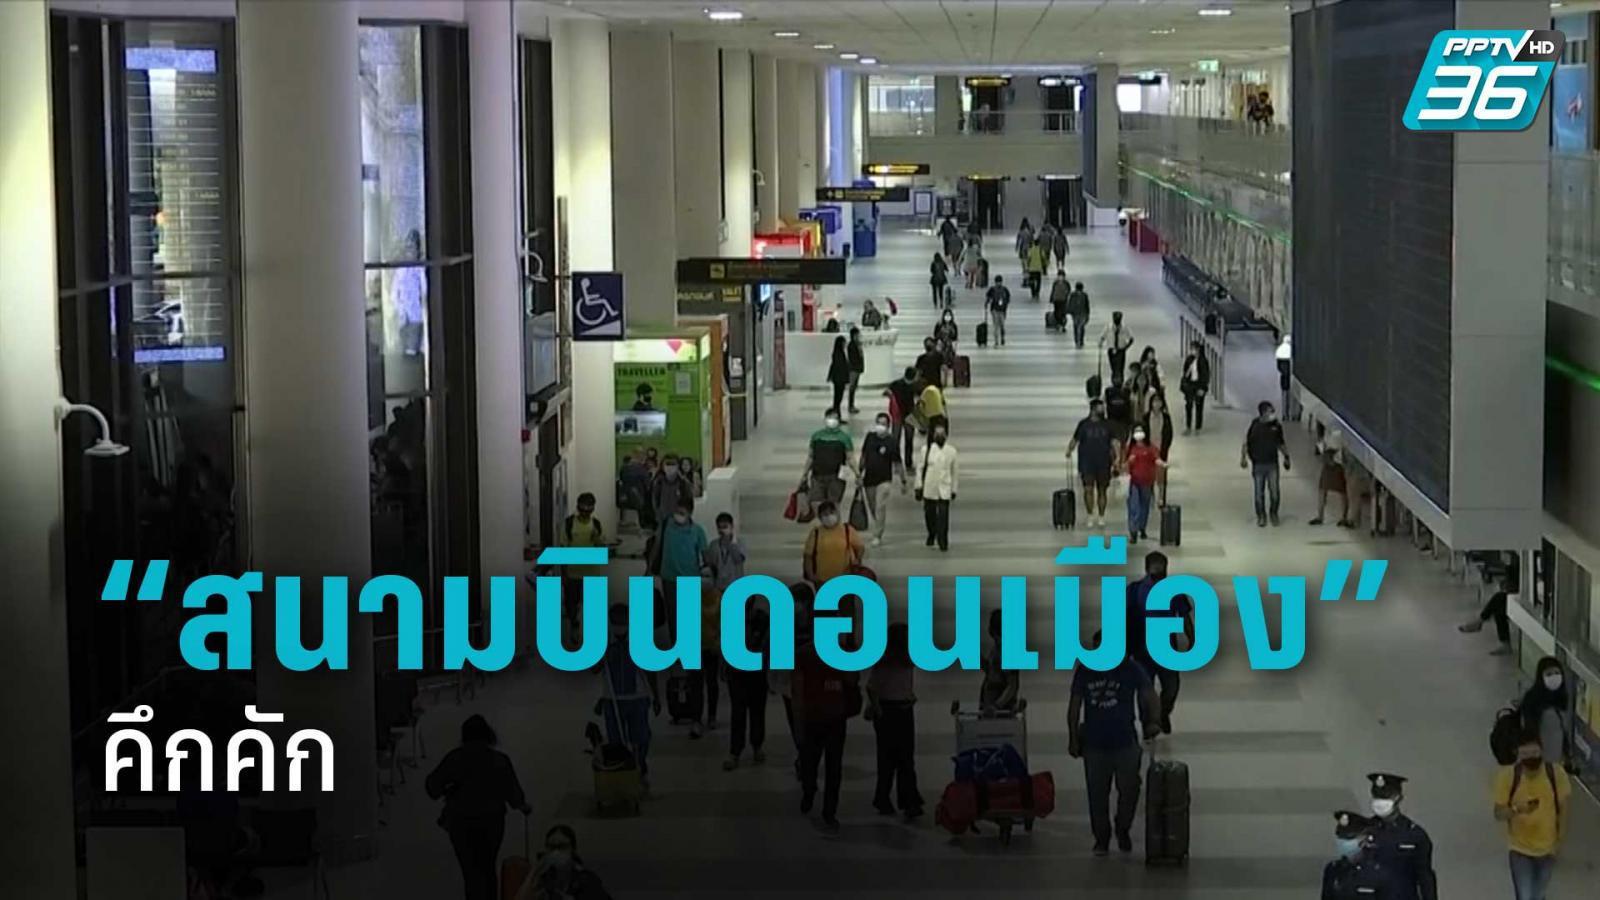 """""""สนามบินดอนเมือง"""" คึกคักรับคนเดินทางกลับหลังหยุดยาว"""